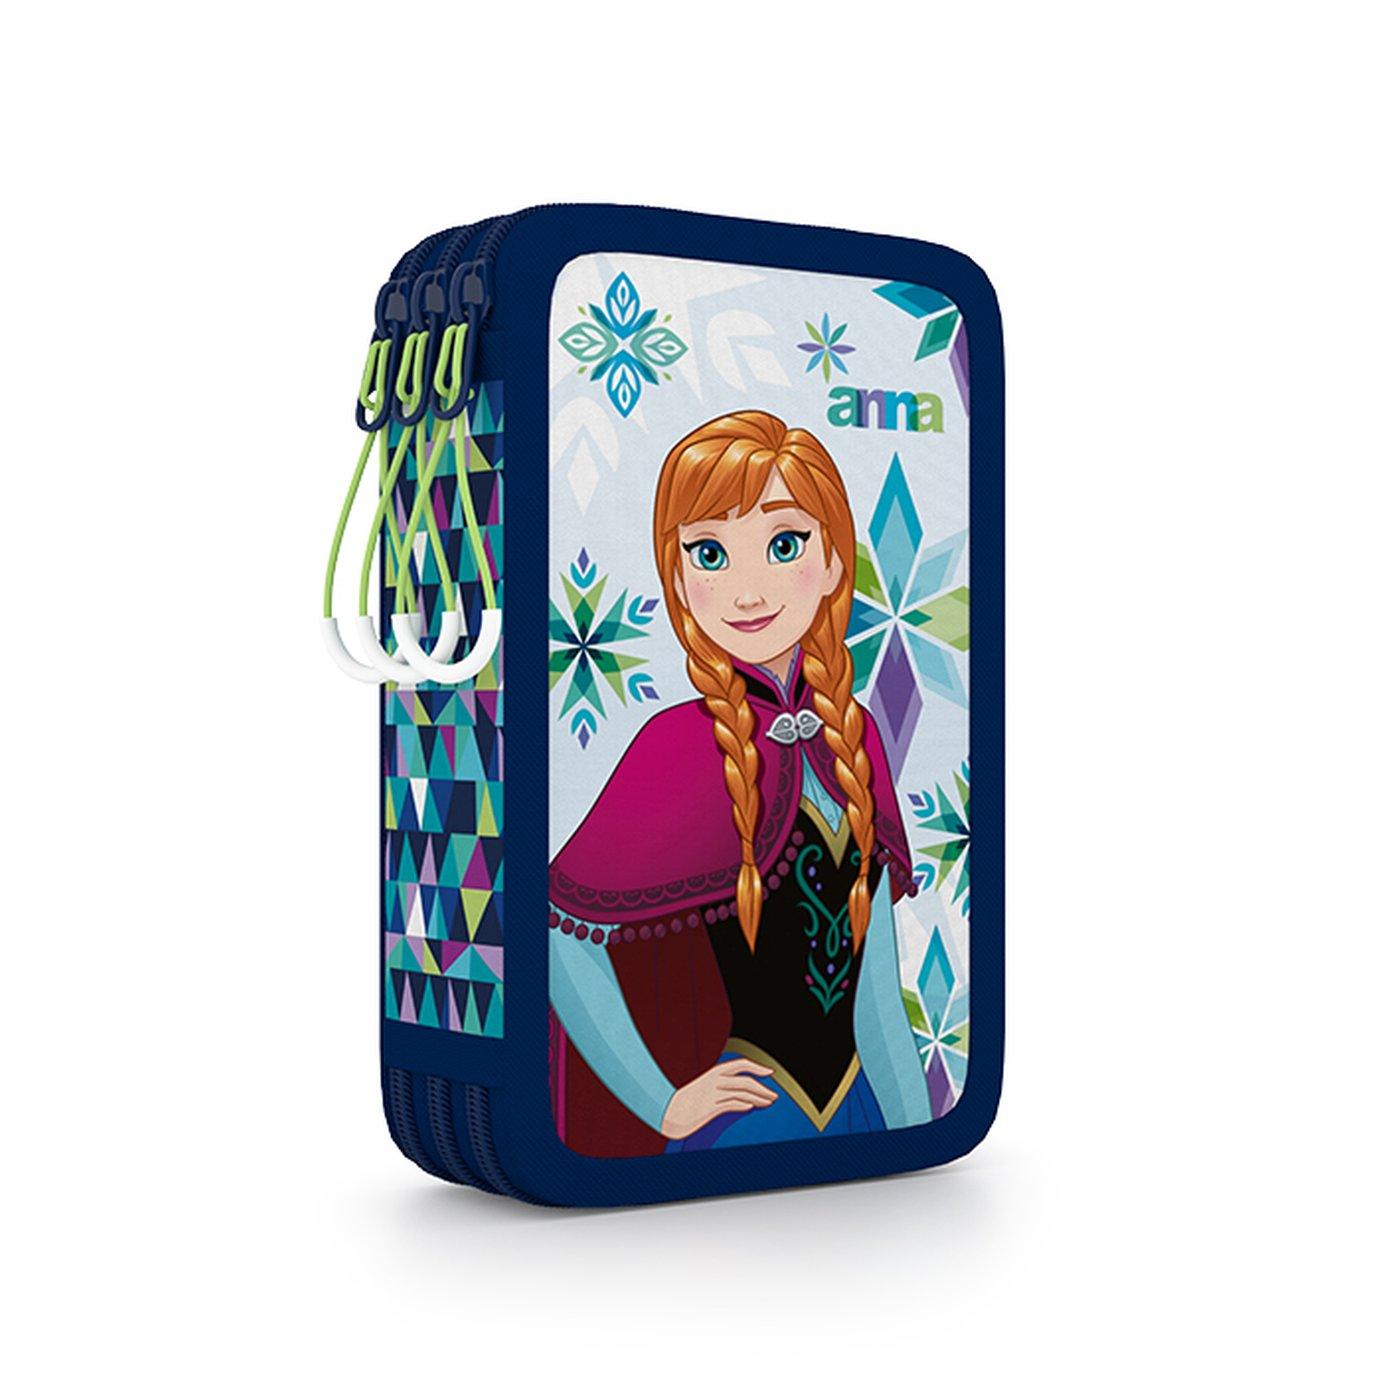 ... Školní potřeby · PENÁLY NENAPLNĚNÉ · Trojpatrové · Penál 3 p. prázdný  Frozen Disney · Image ee805aecd2